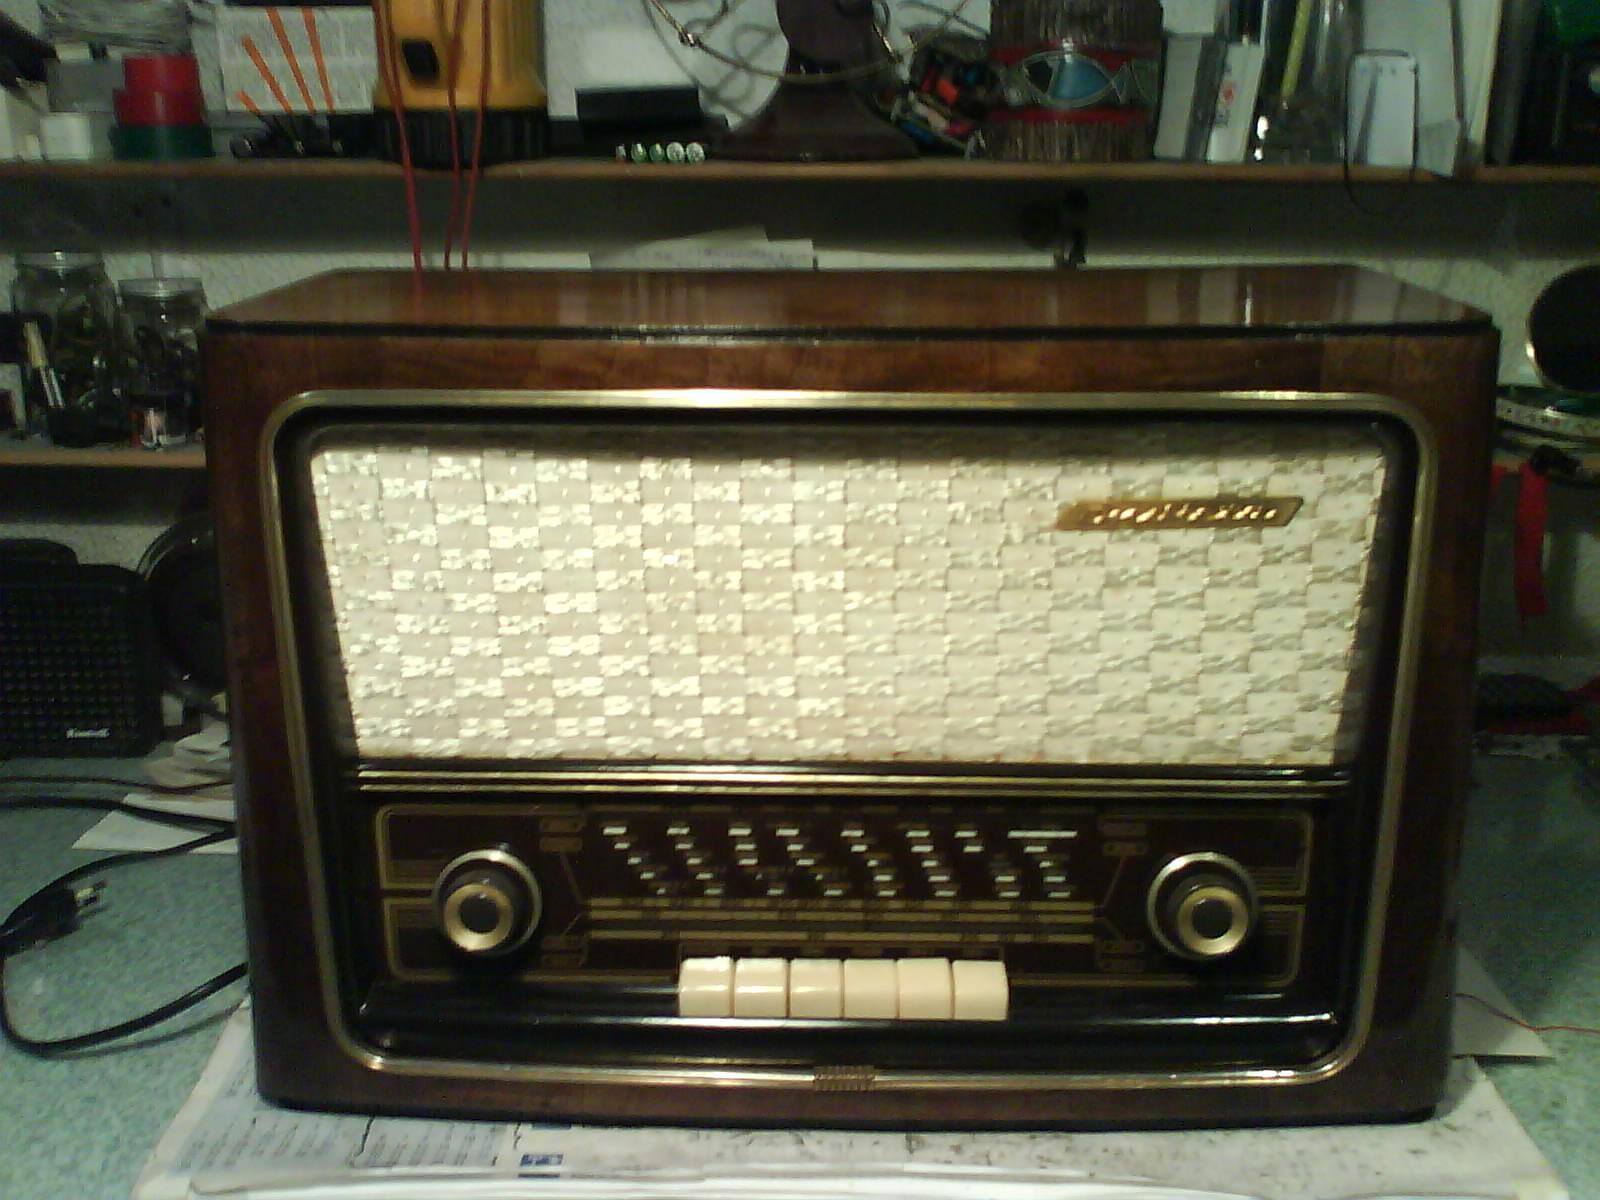 Crear restaurar y reciclar radios antiguas - Fotos radios antiguas ...